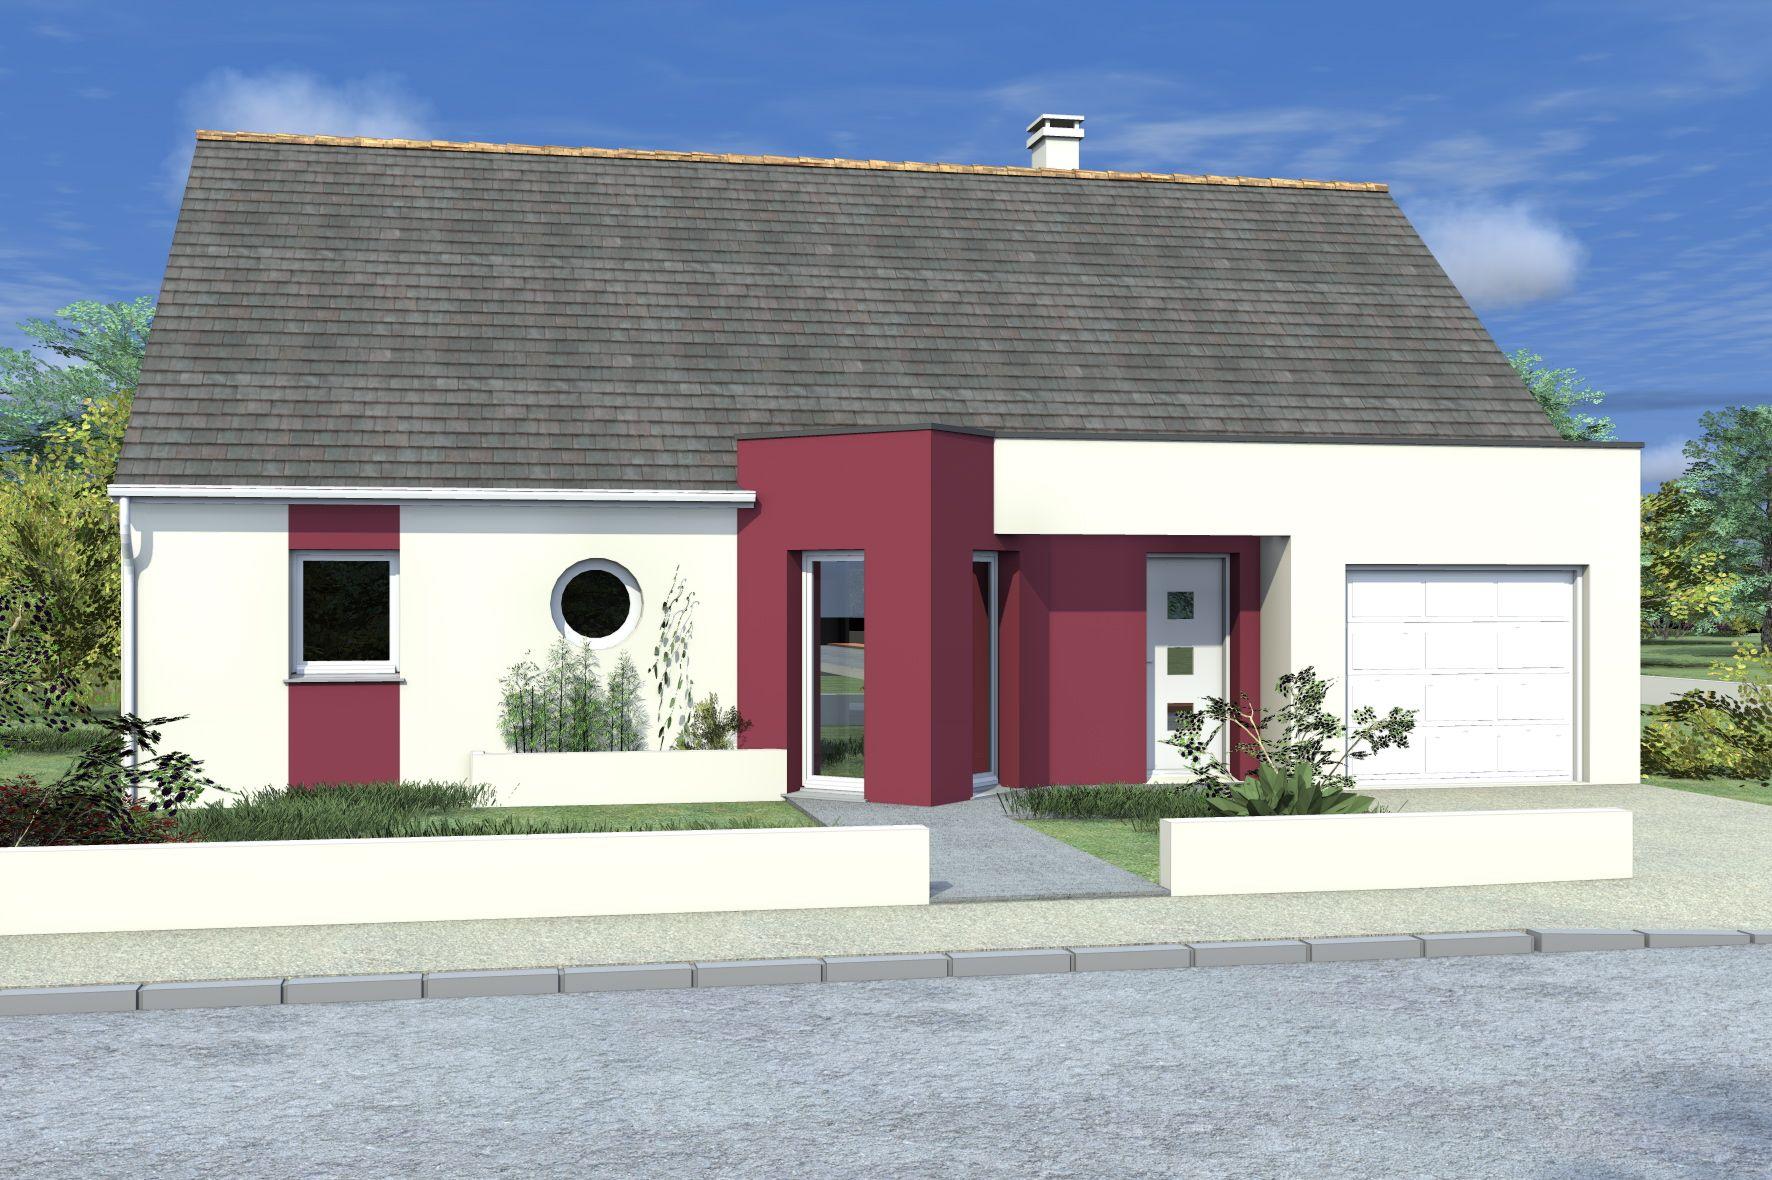 facade maison plain pied3 3 chambres pied quartz logivelay traditionnelle confort et fonctionnalit pour cette maison de plain pied la faade en deux  couleurs rsolument